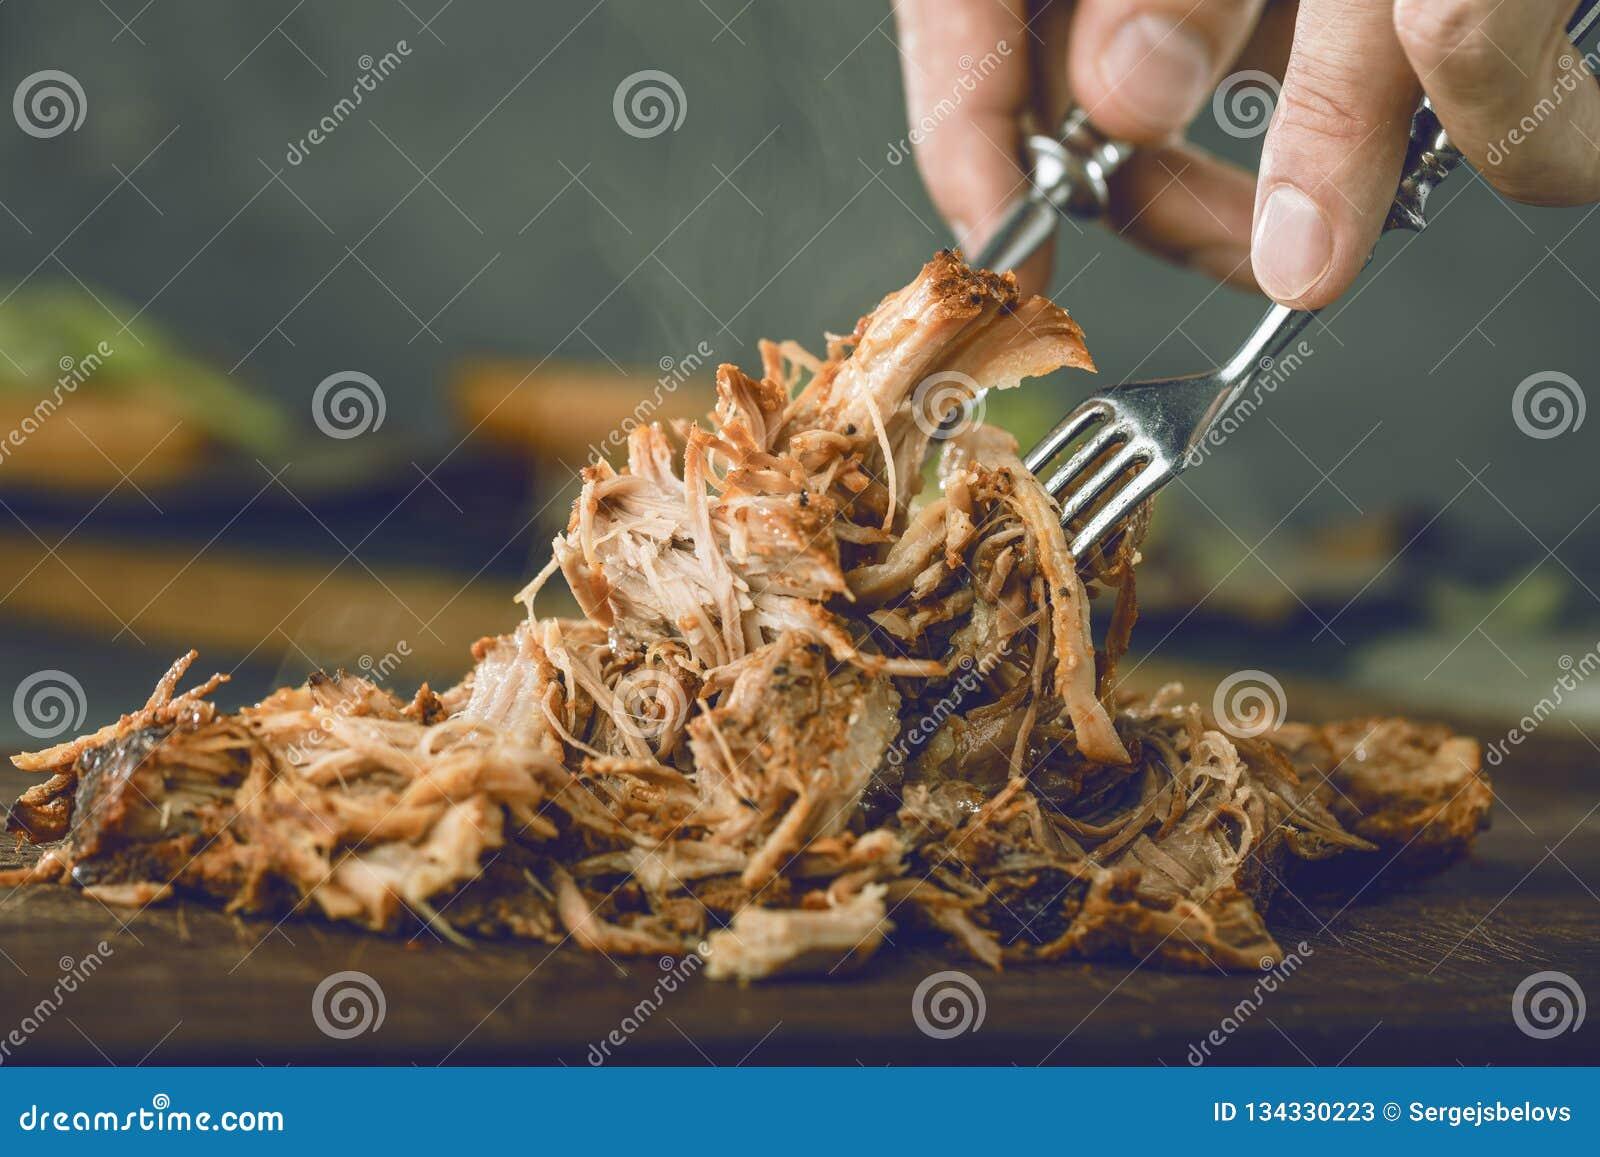 La casa ha preparato la carne di maiale tirata essere mangiato